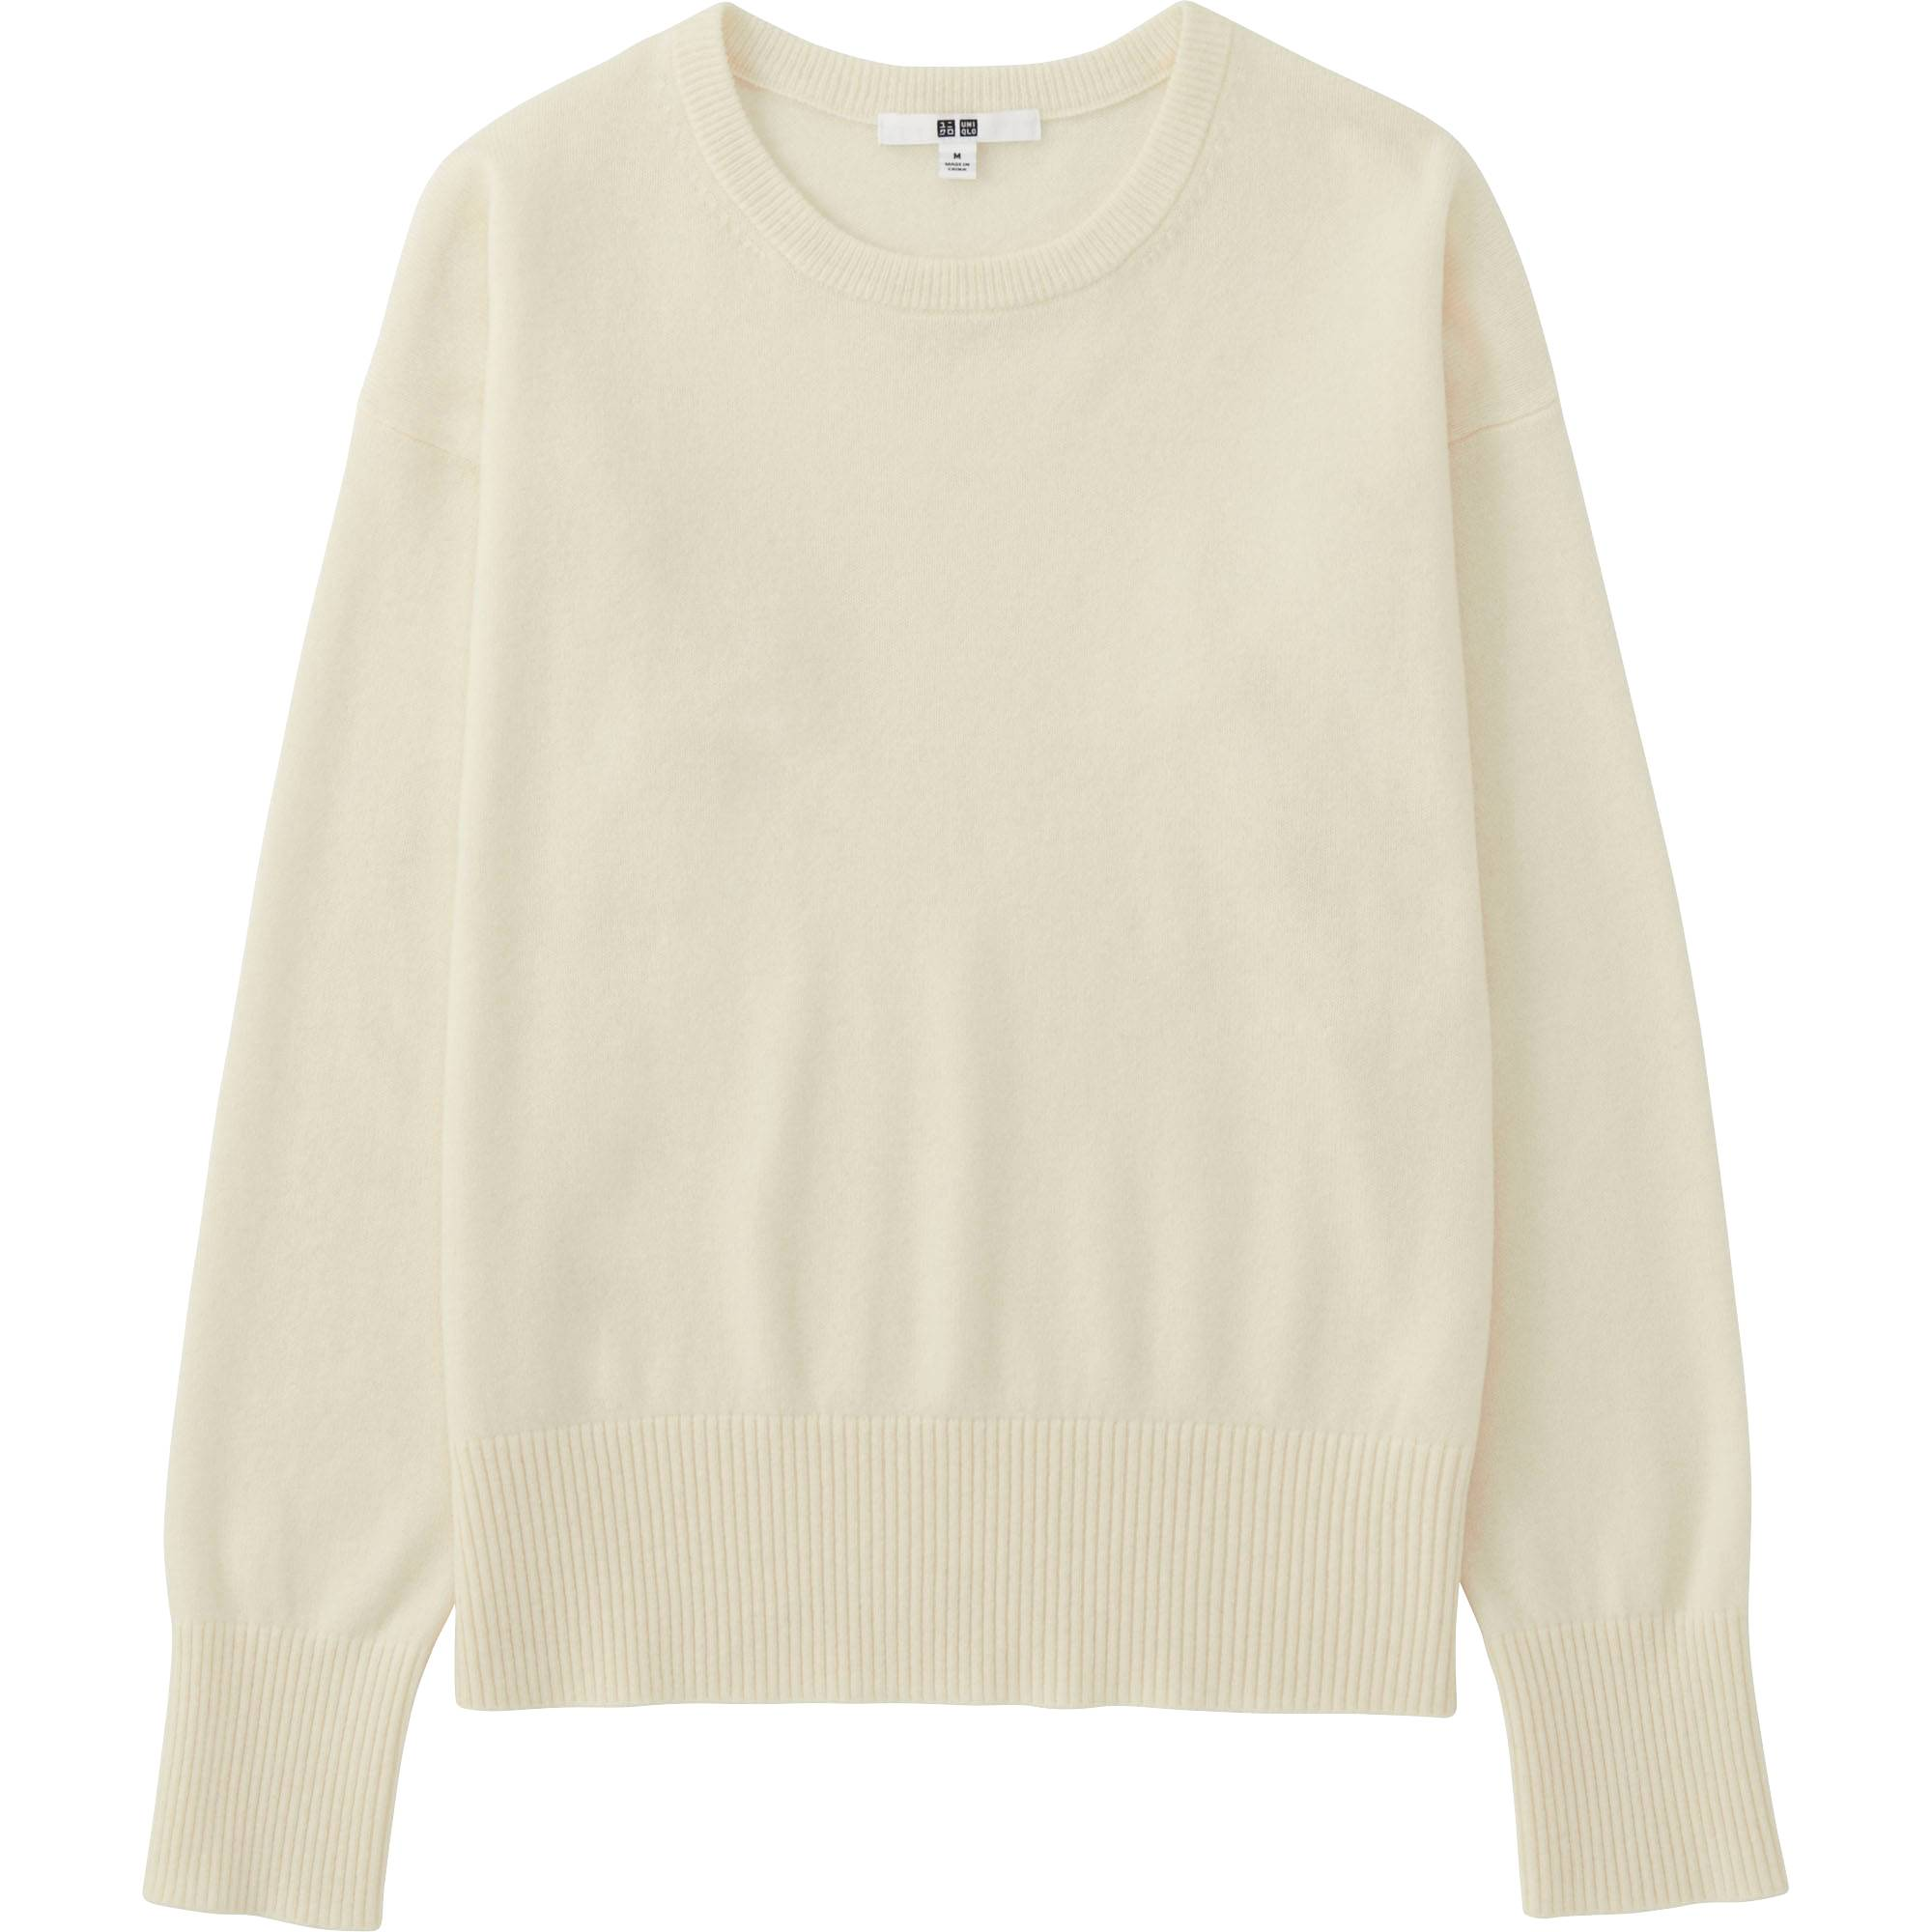 Women Cashmere Crew Neck Sweater | UNIQLO US